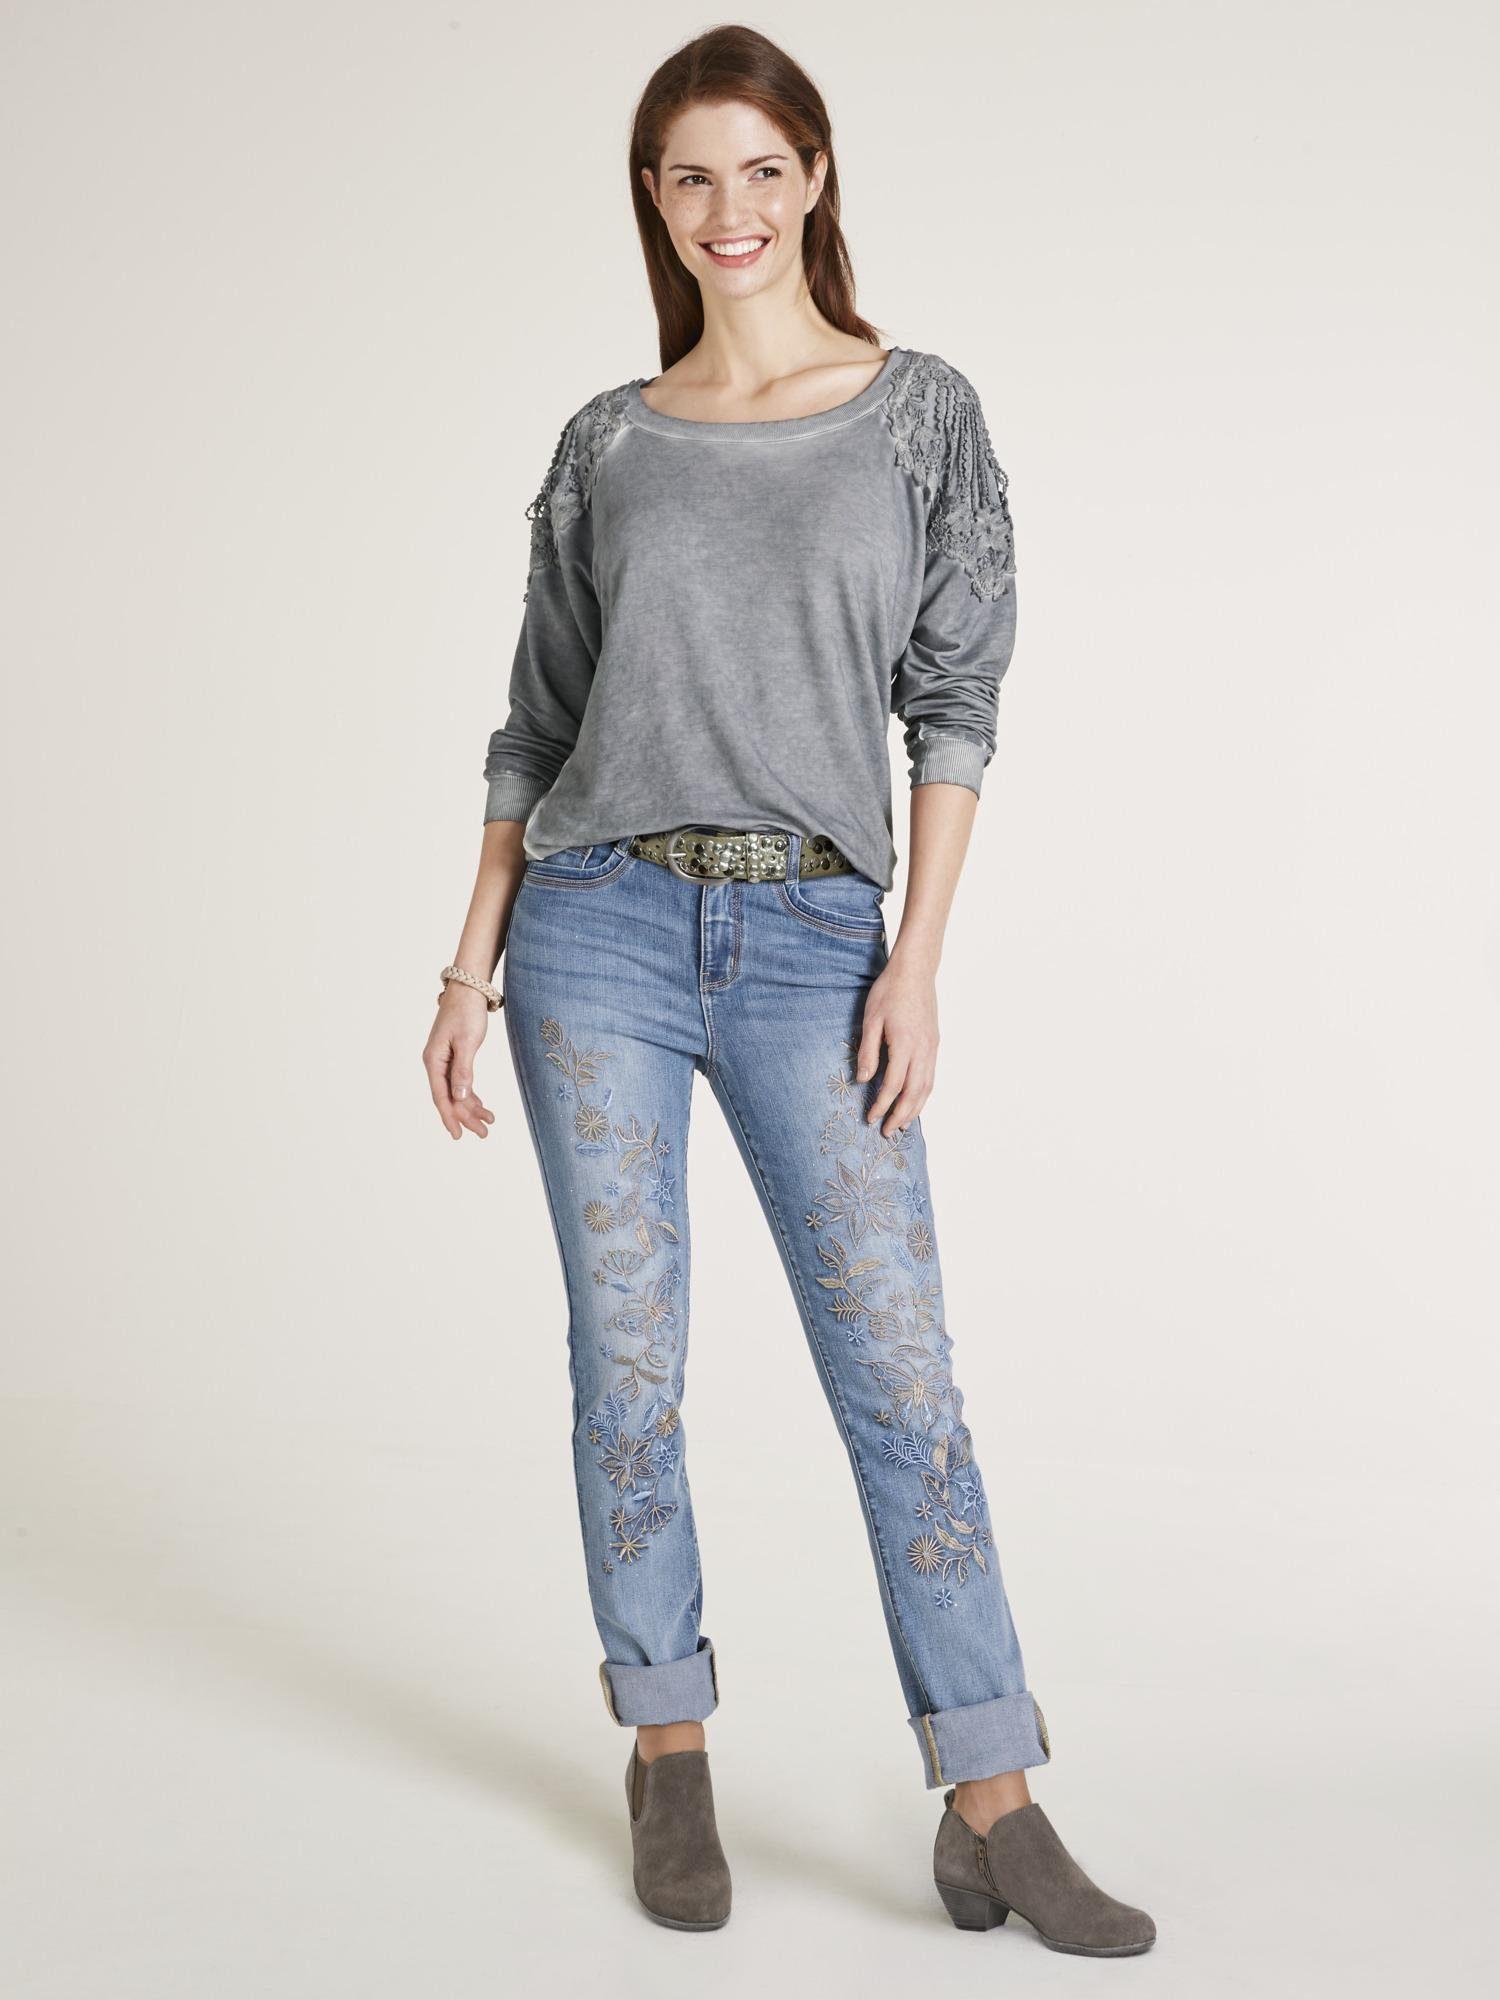 Corrigerende Jeans Vind Je Bij - Geweldige Prijs